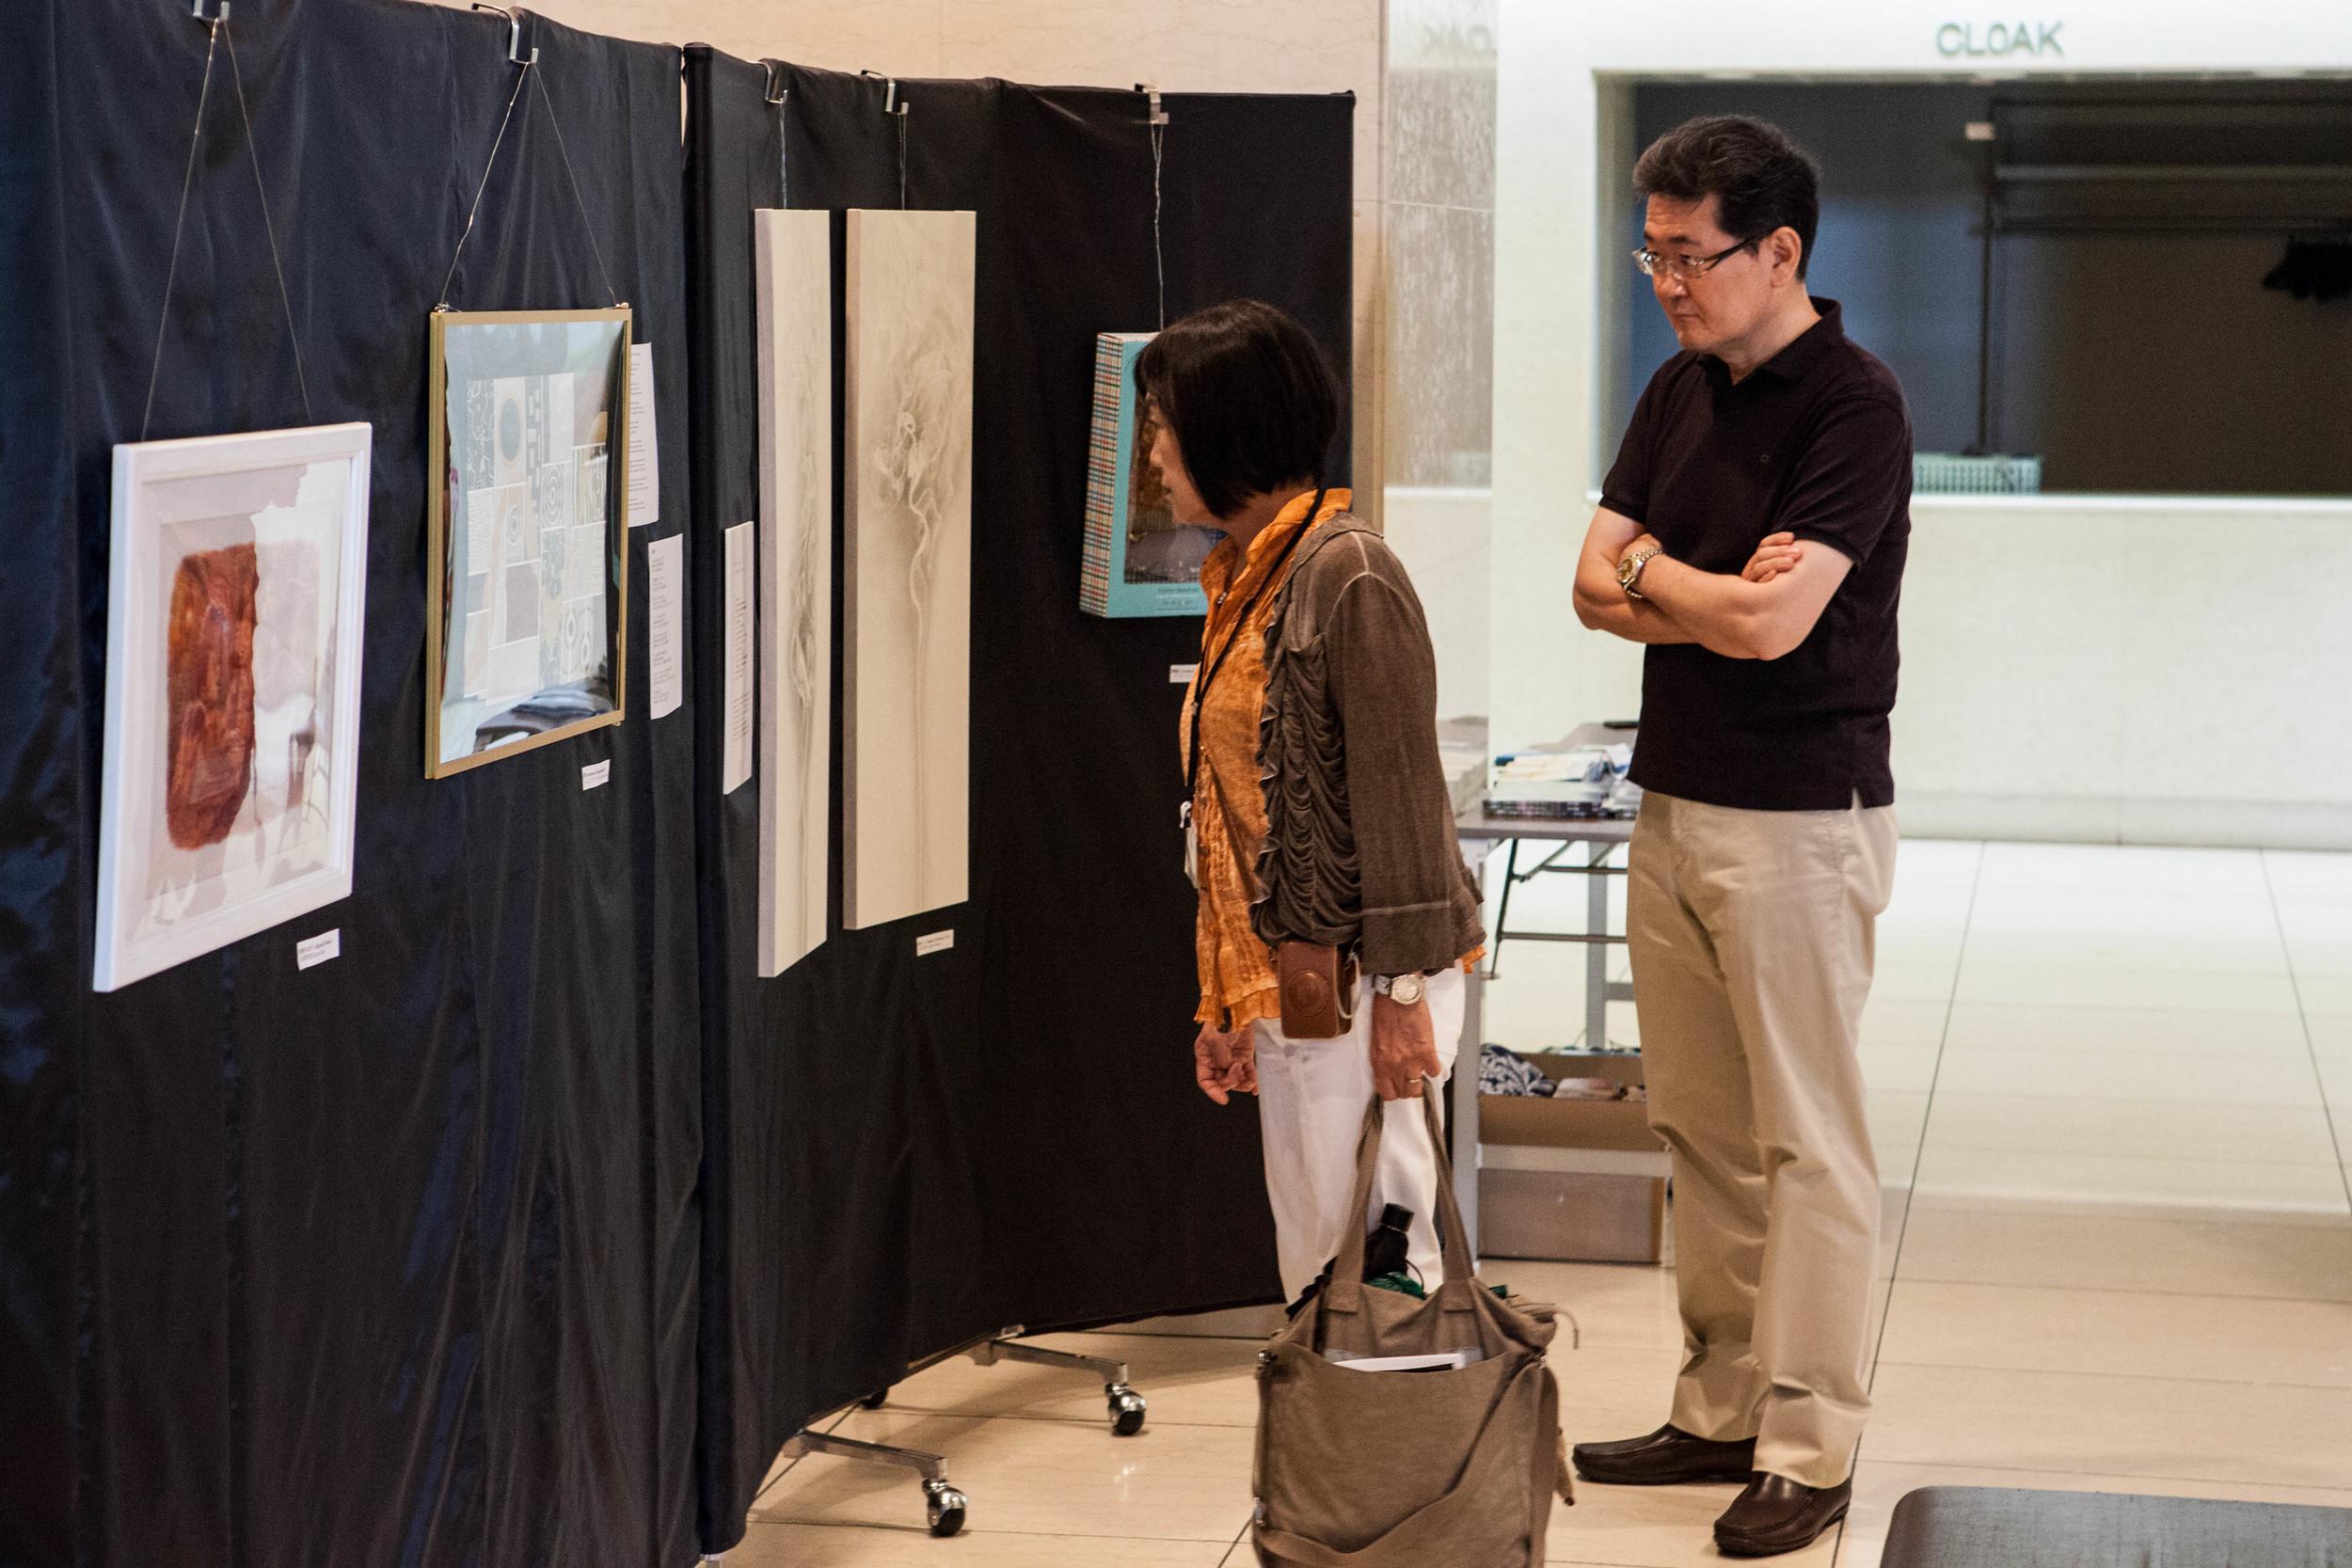 Gallery Showings